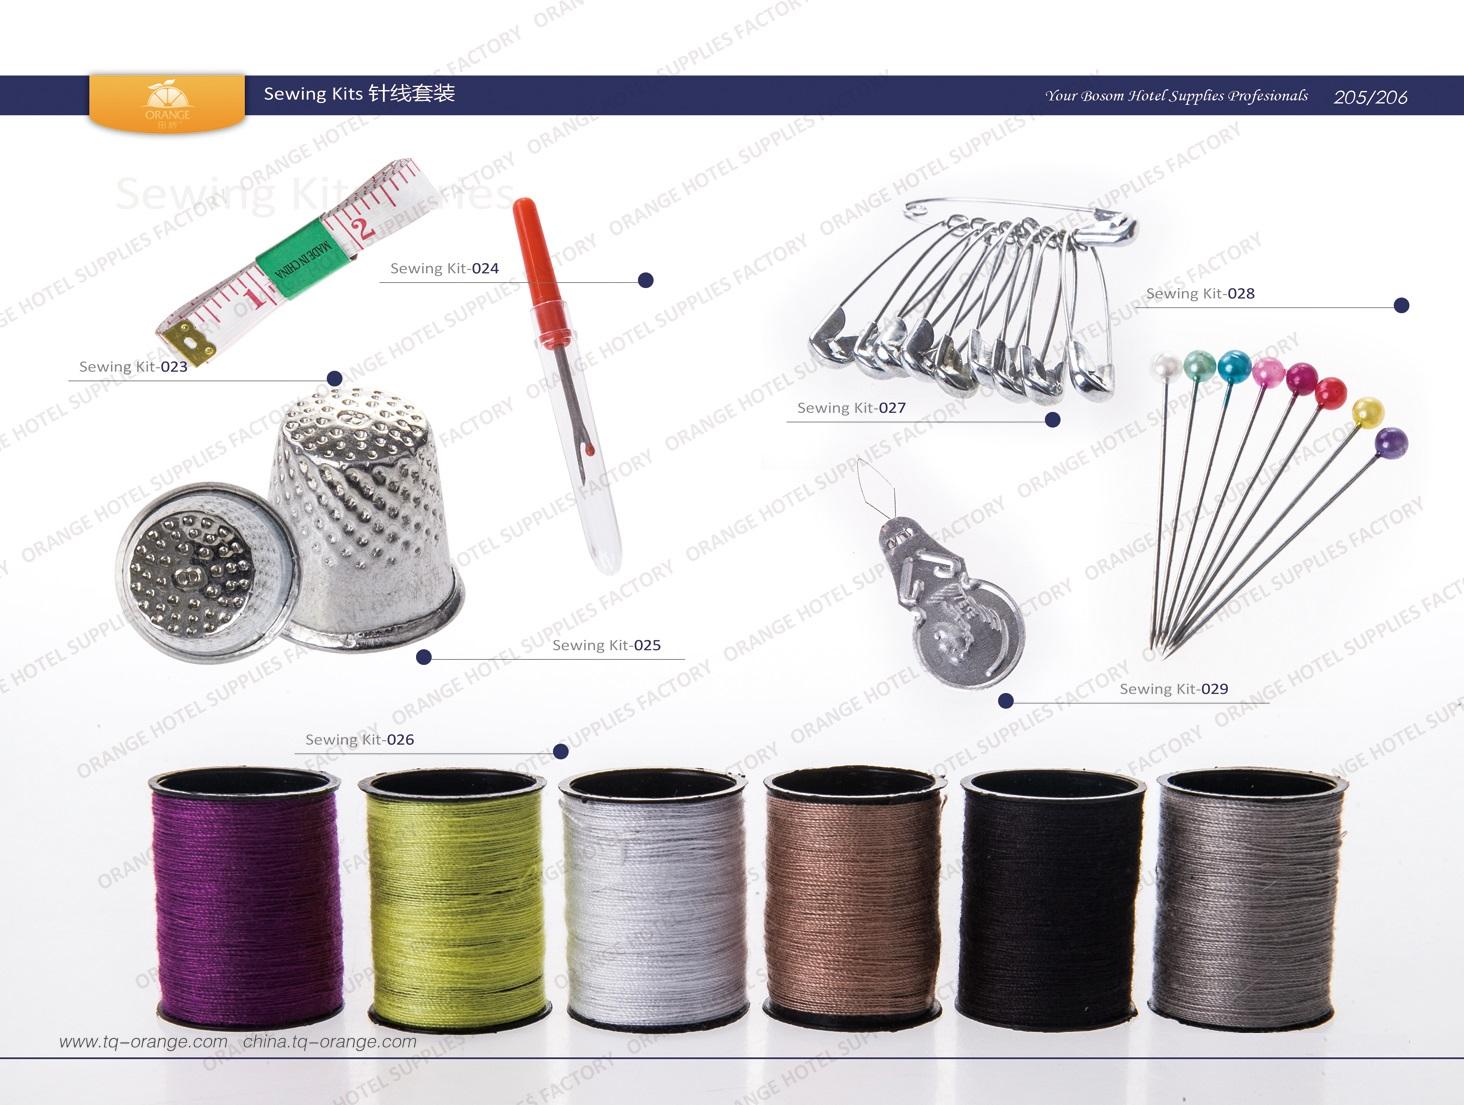 Sewing kit 023~029